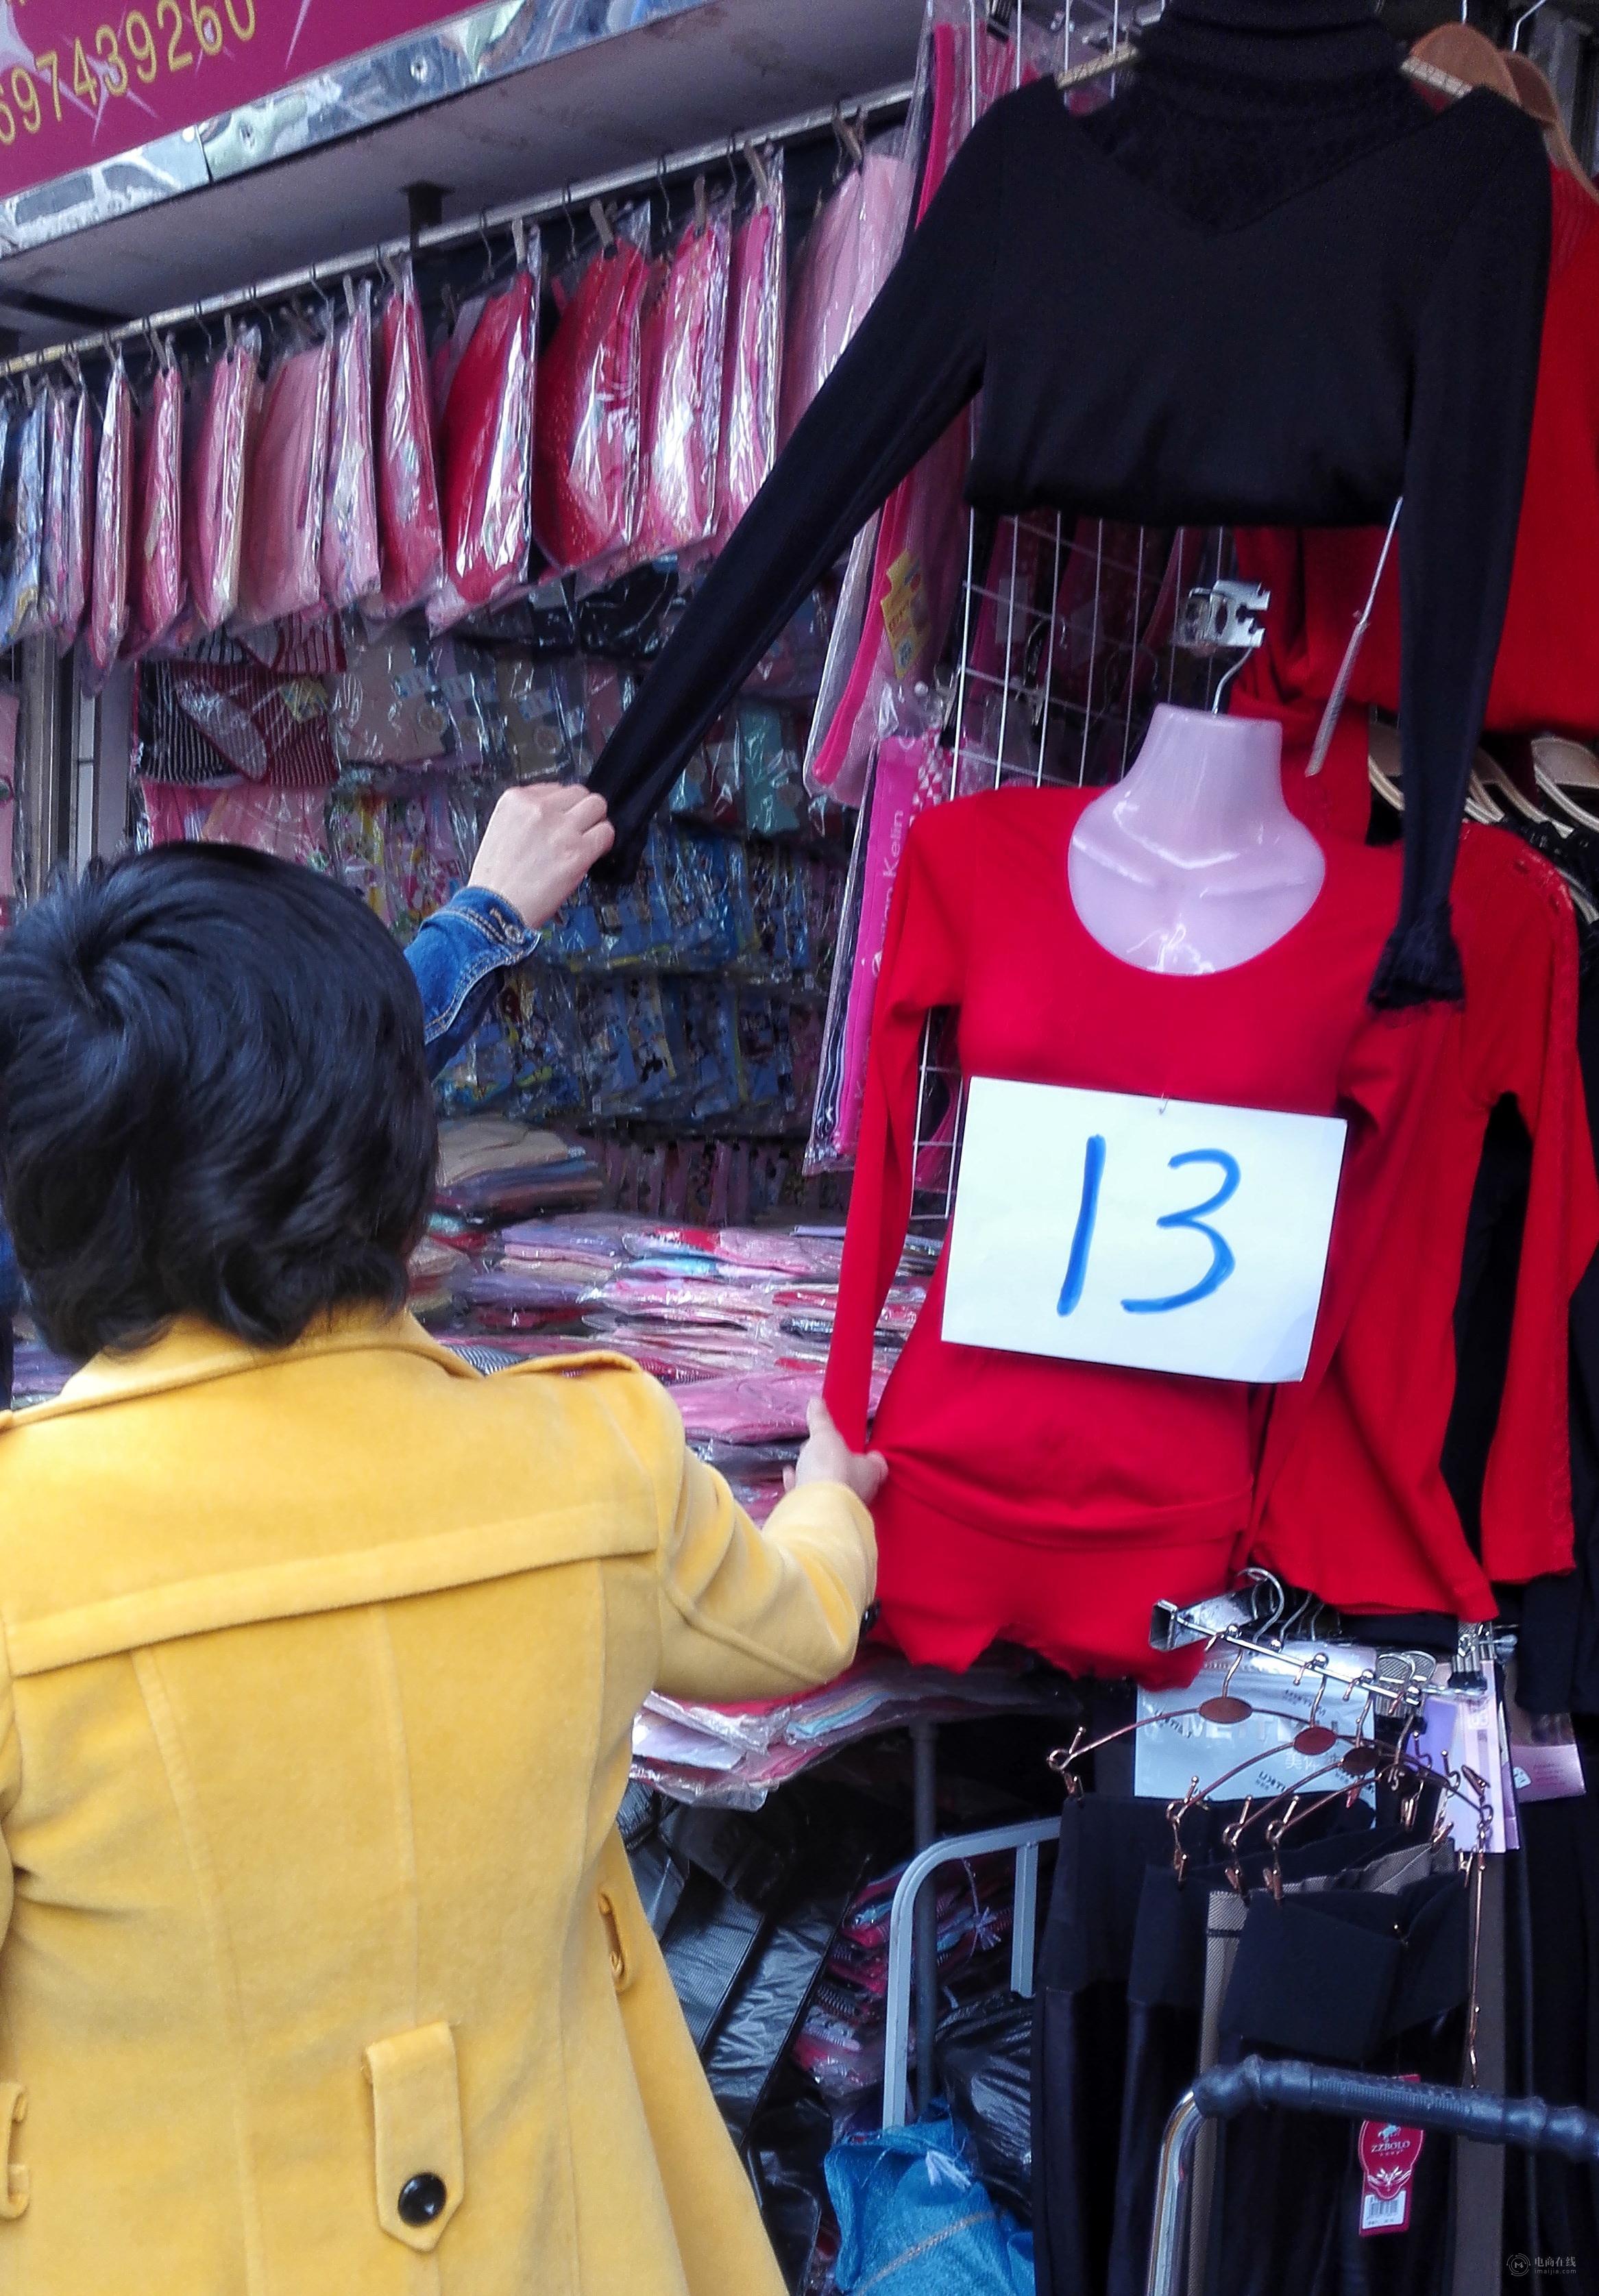 图说:沙河的女装商铺.jpg